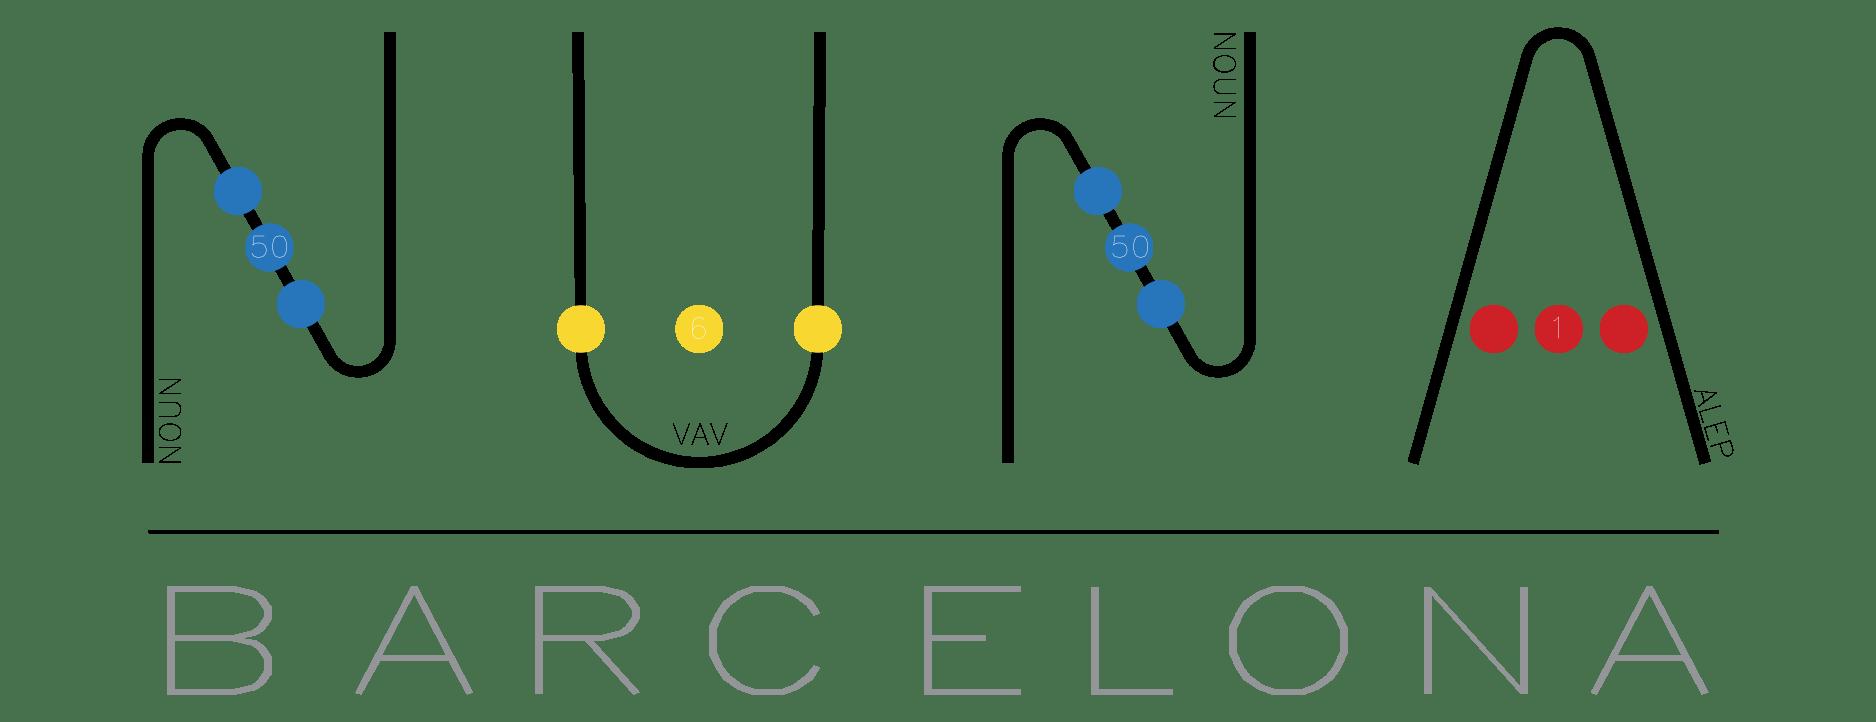 Nuna Barcelona